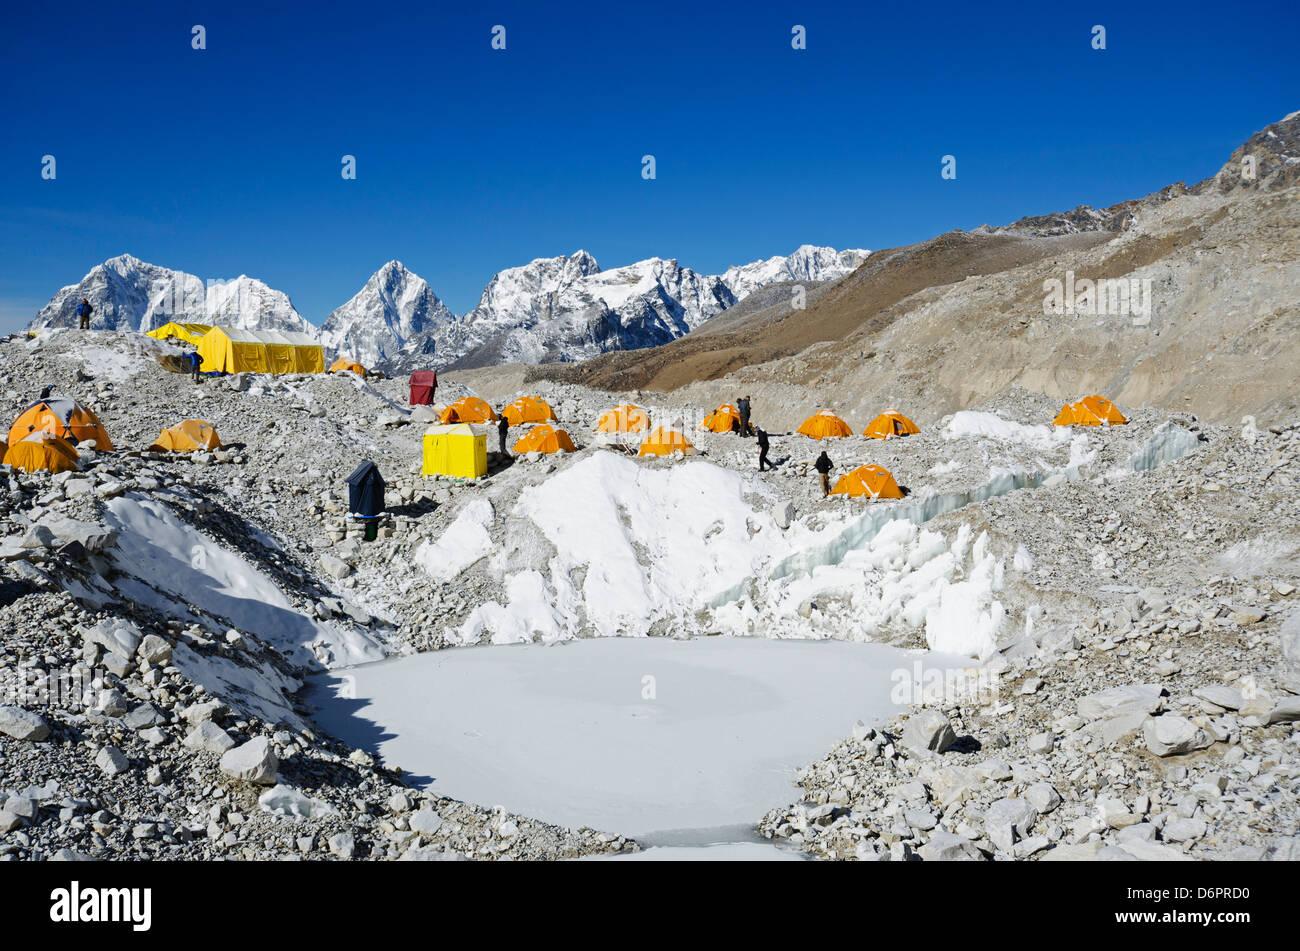 Asia, Nepal, Himalayas, Sagarmatha National Park, Solu Khumbu Everest Region, Unesco Site, tents at Everest Base - Stock Image